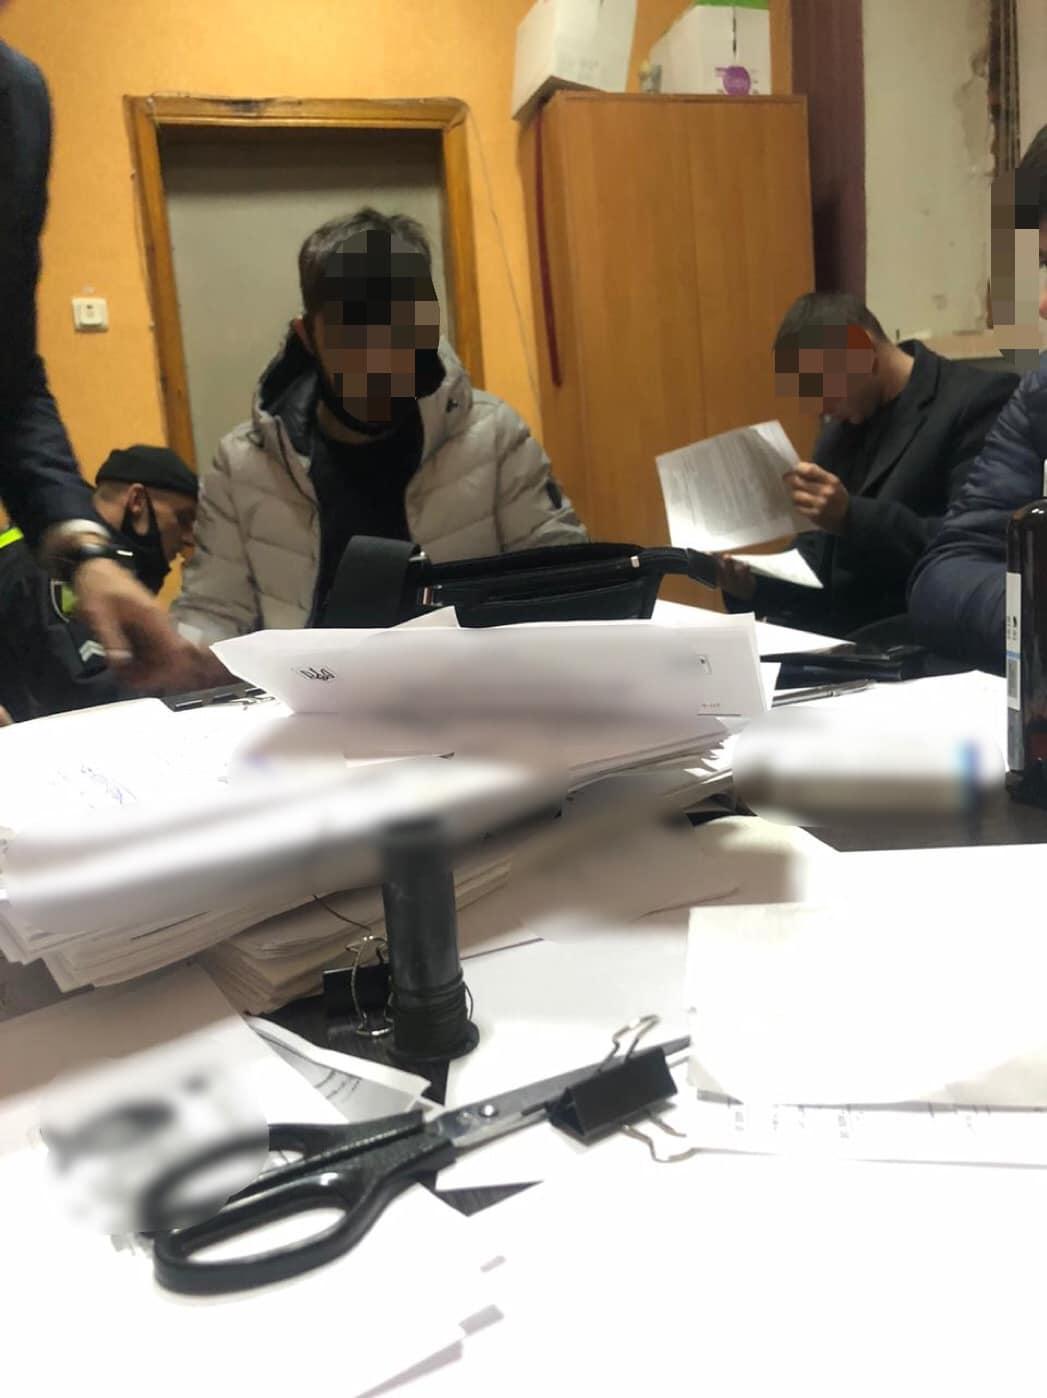 ДТП у Харкові: 22-річному водієві повідомили про підозру (ФОТО)